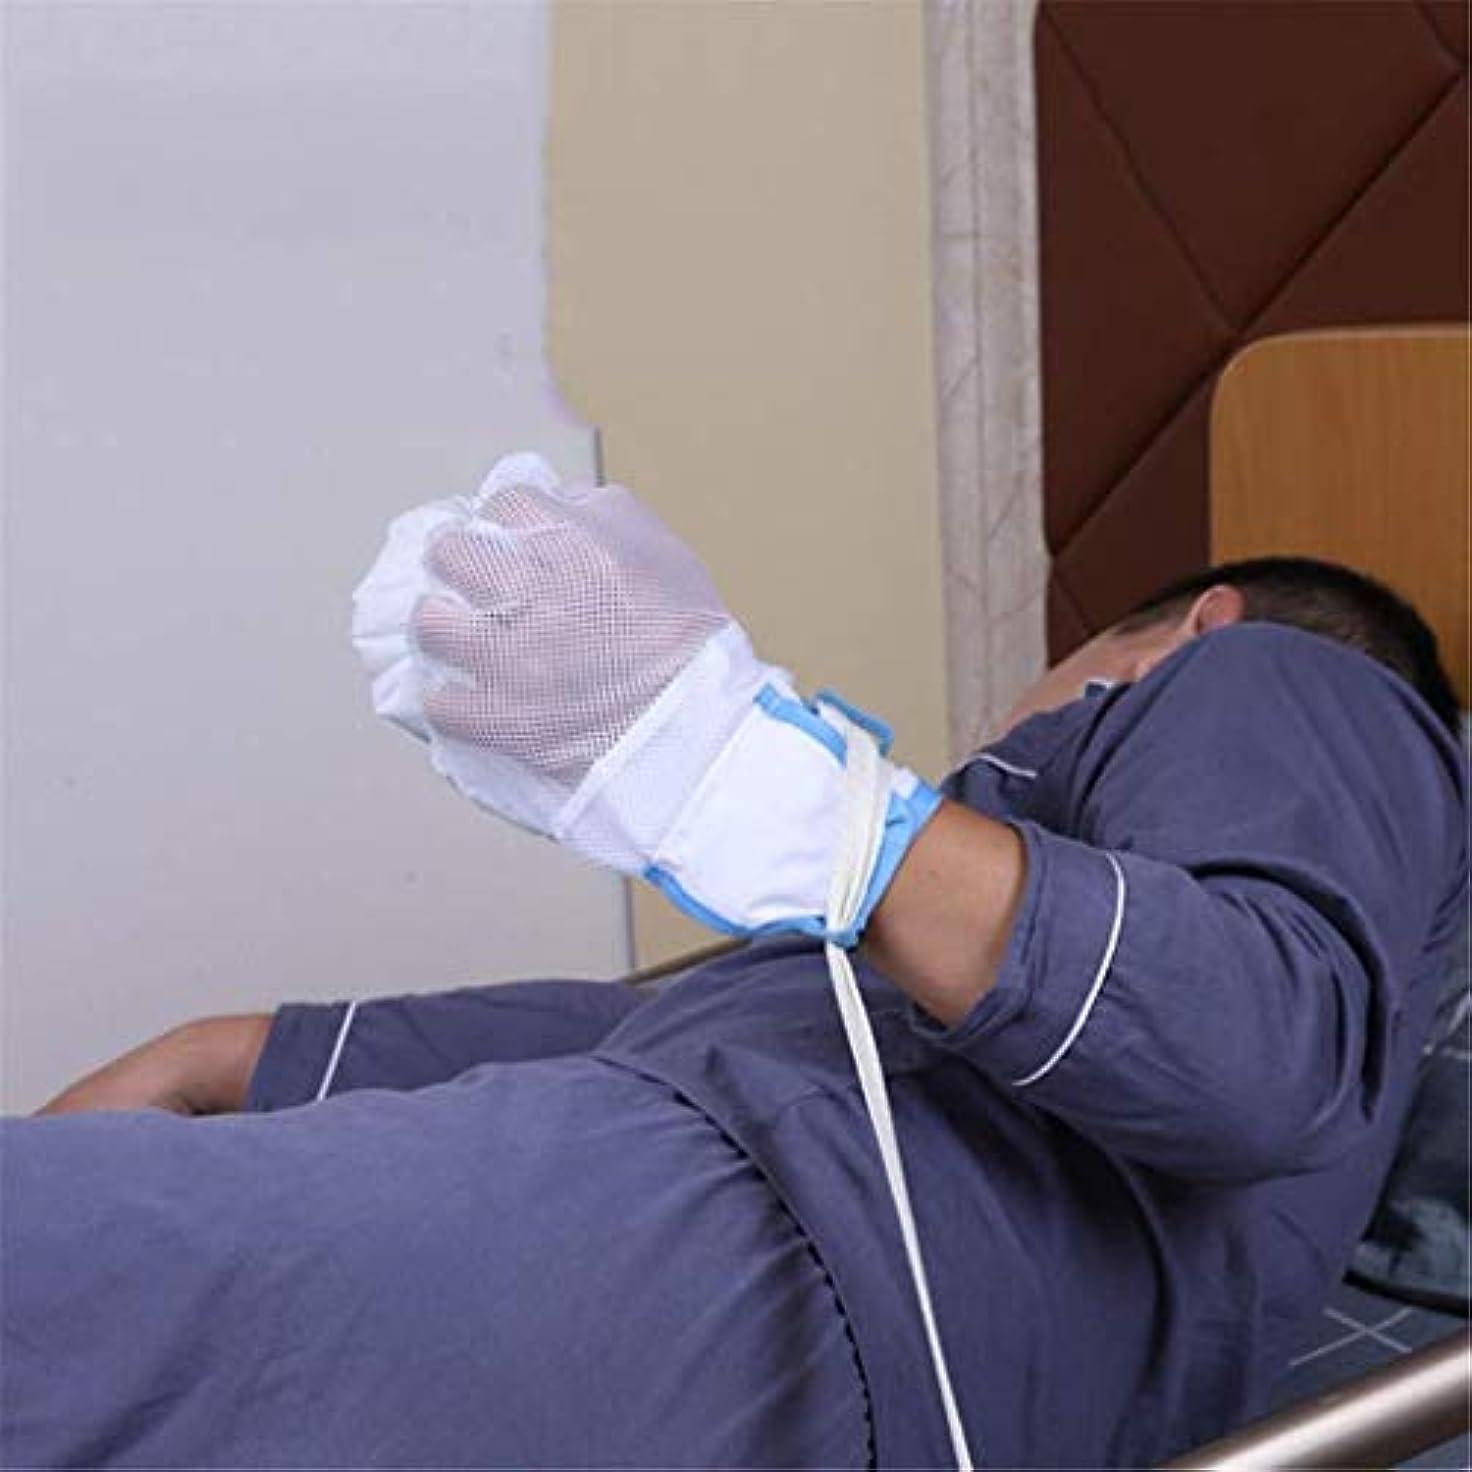 医療用拘束具患者用フィンガーコントロールミット、ハンドプロテクター感染防止安全装置パッド入りミット